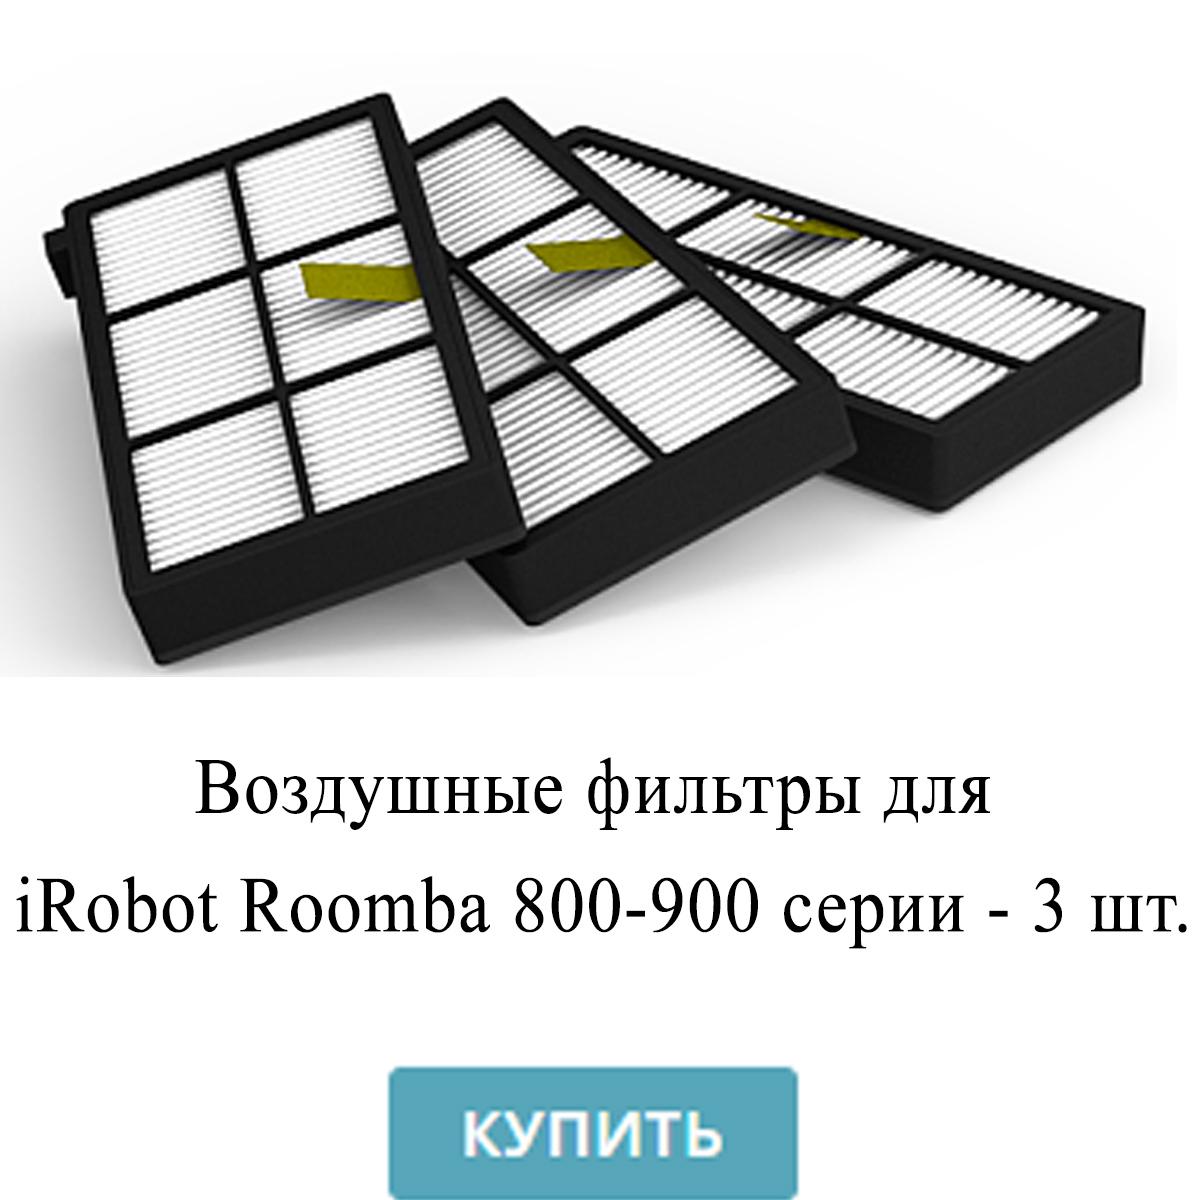 Воздушные фильтры для iRobot Roomba 800-900 серии - 3 шт.